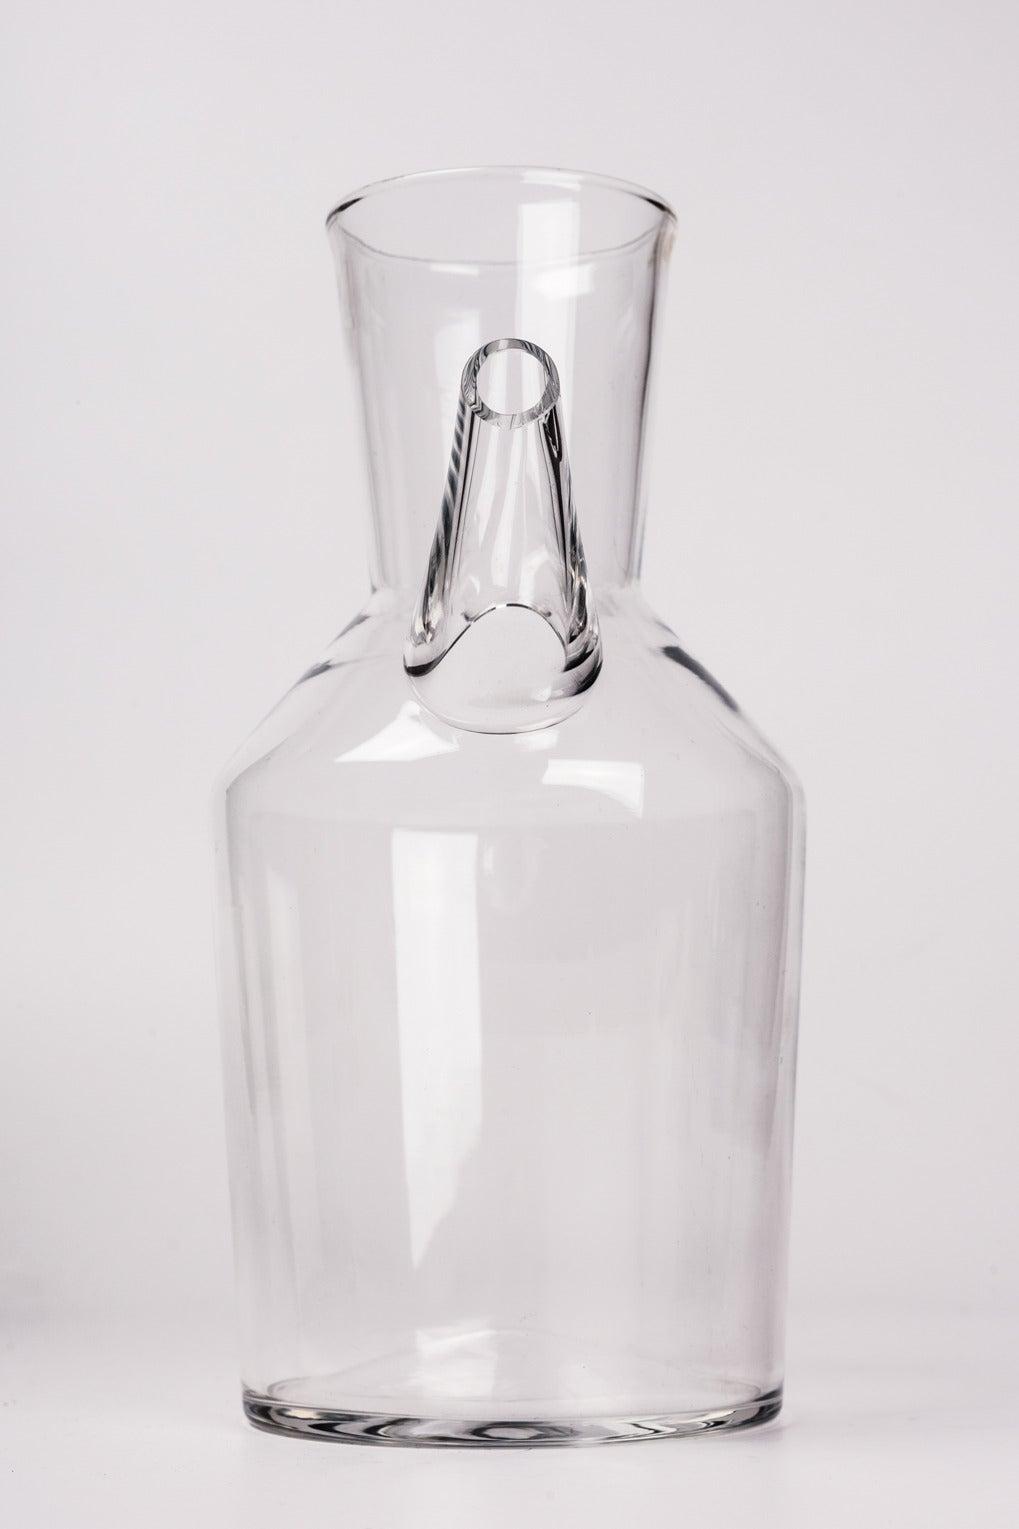 finnish glass water pitcher by erkki vesanto s for sale at  - finnish glass water pitcher by erkki vesanto s